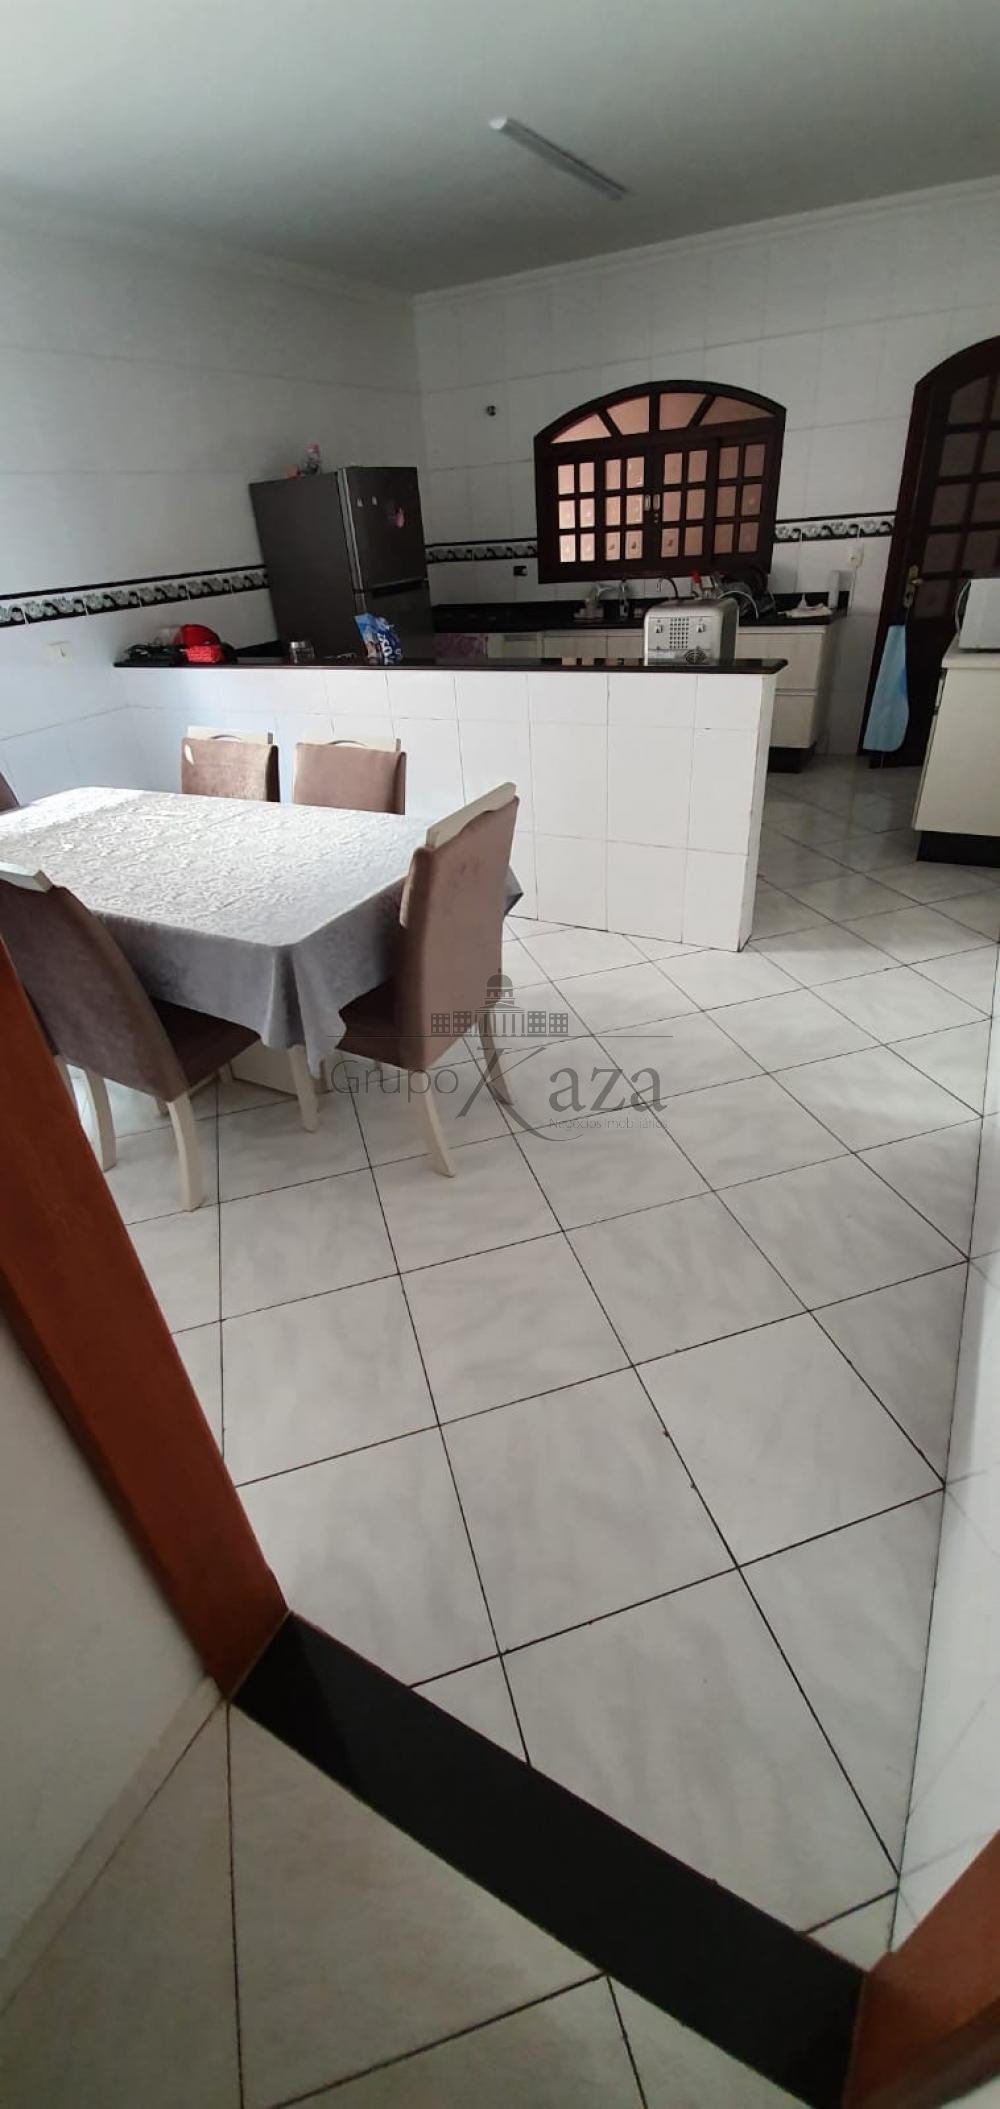 alt='Comprar Casa / Sobrado em São José dos Campos R$ 330.000,00 - Foto 2' title='Comprar Casa / Sobrado em São José dos Campos R$ 330.000,00 - Foto 2'